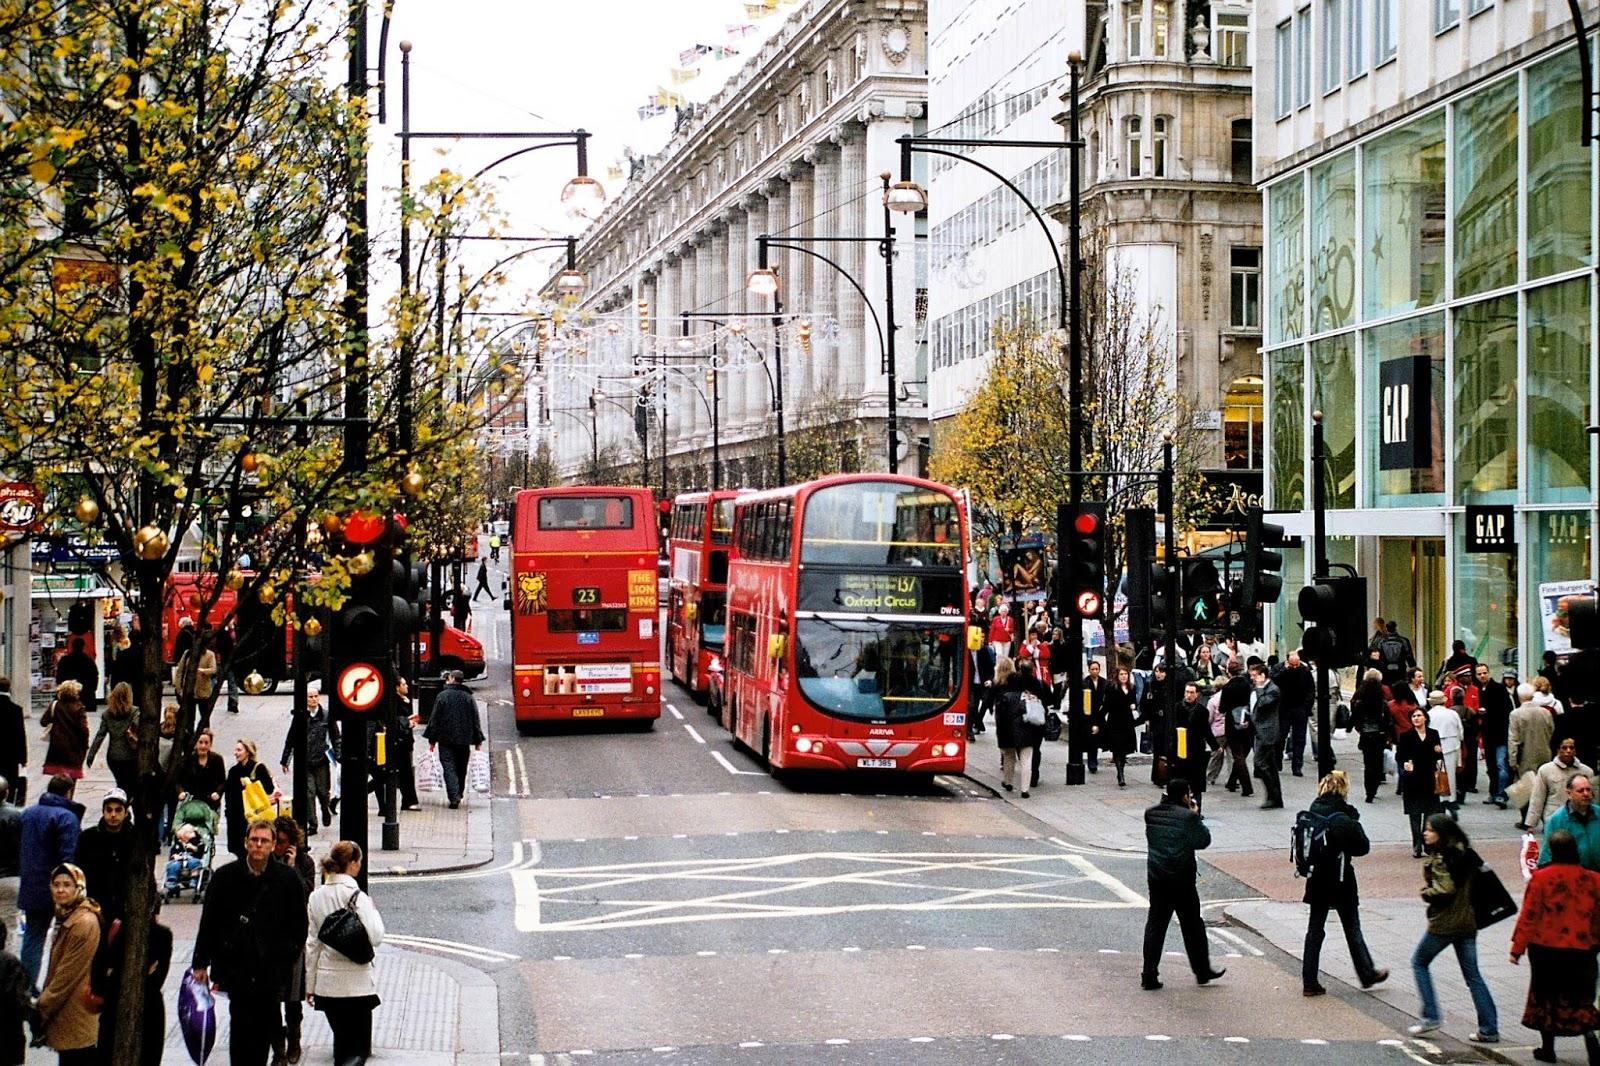 personal stylist London